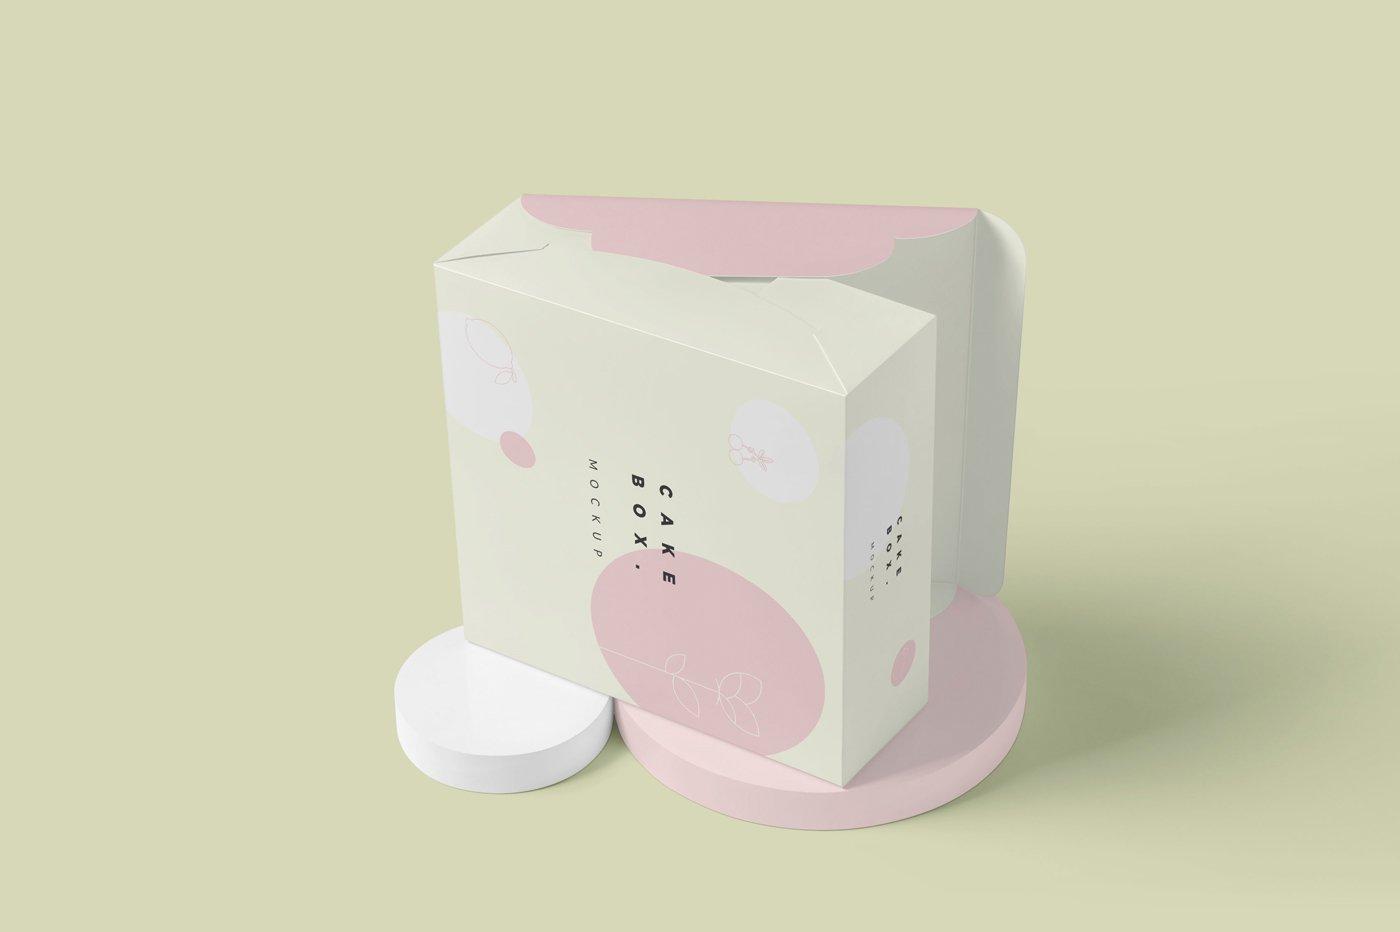 方形蛋糕纸板盒设计展示样机 Large Square Cake Cardboard Box Mockups插图(4)